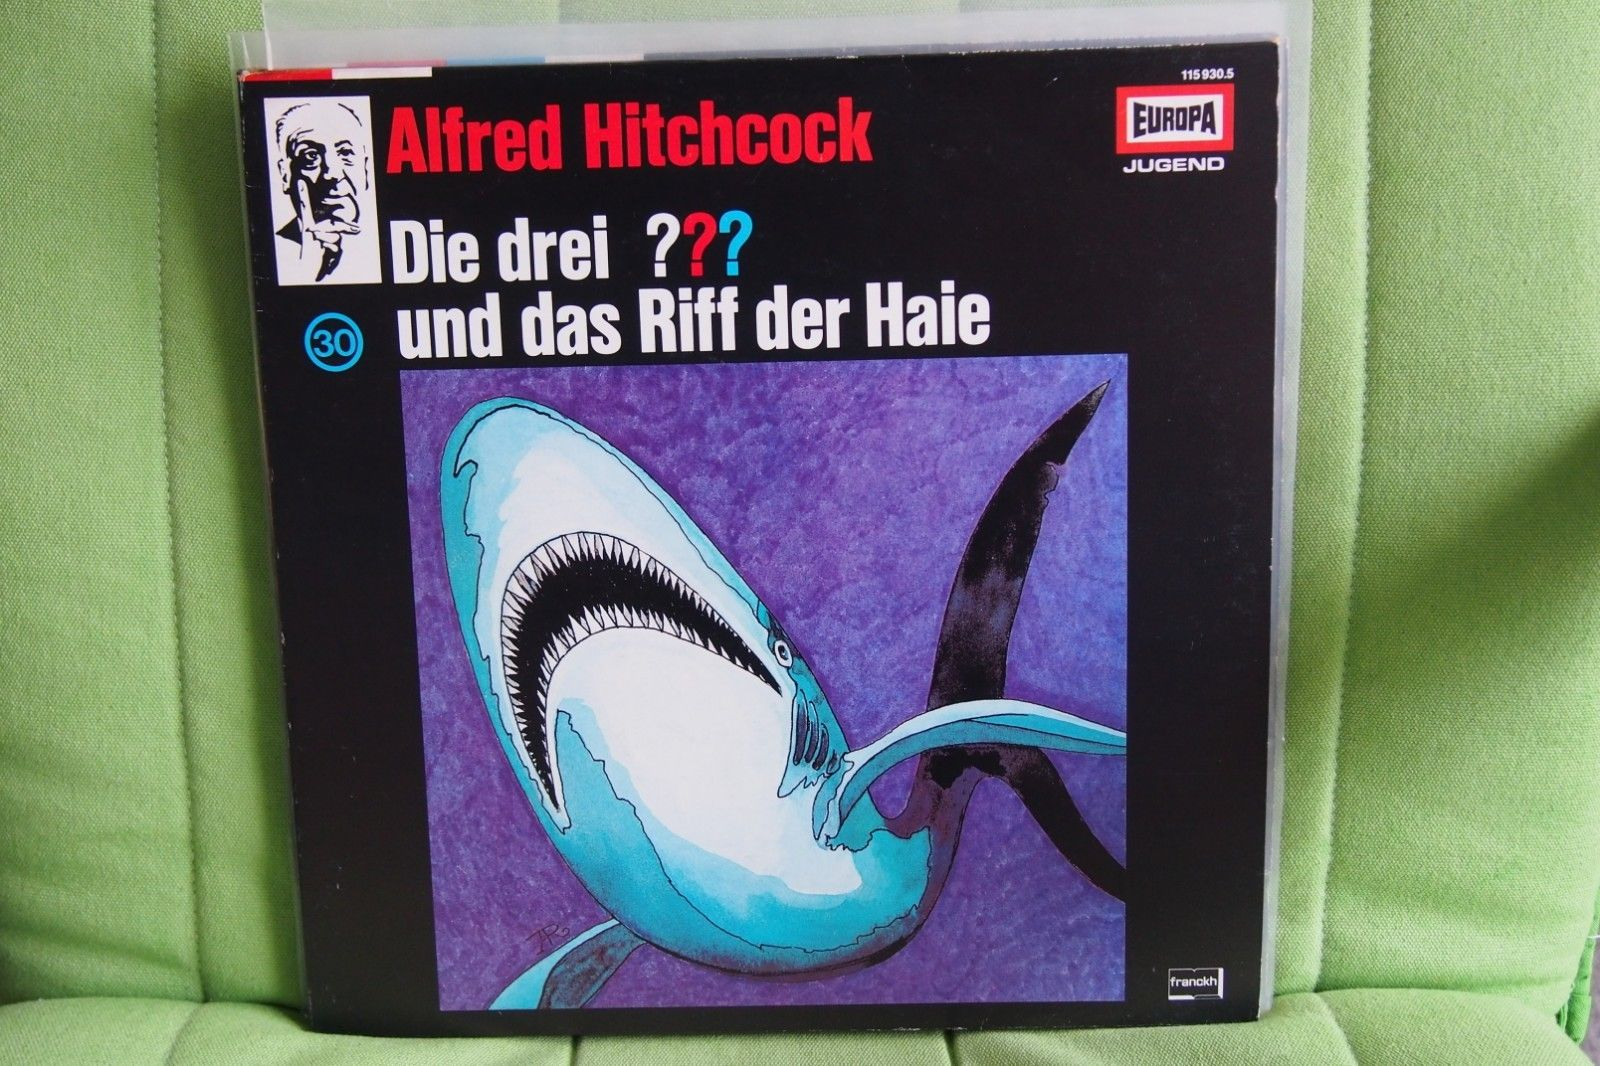 Die drei ??? Fragezeichen und das Riff der Haie - Folge 30 Vinyl LP Schallplatte